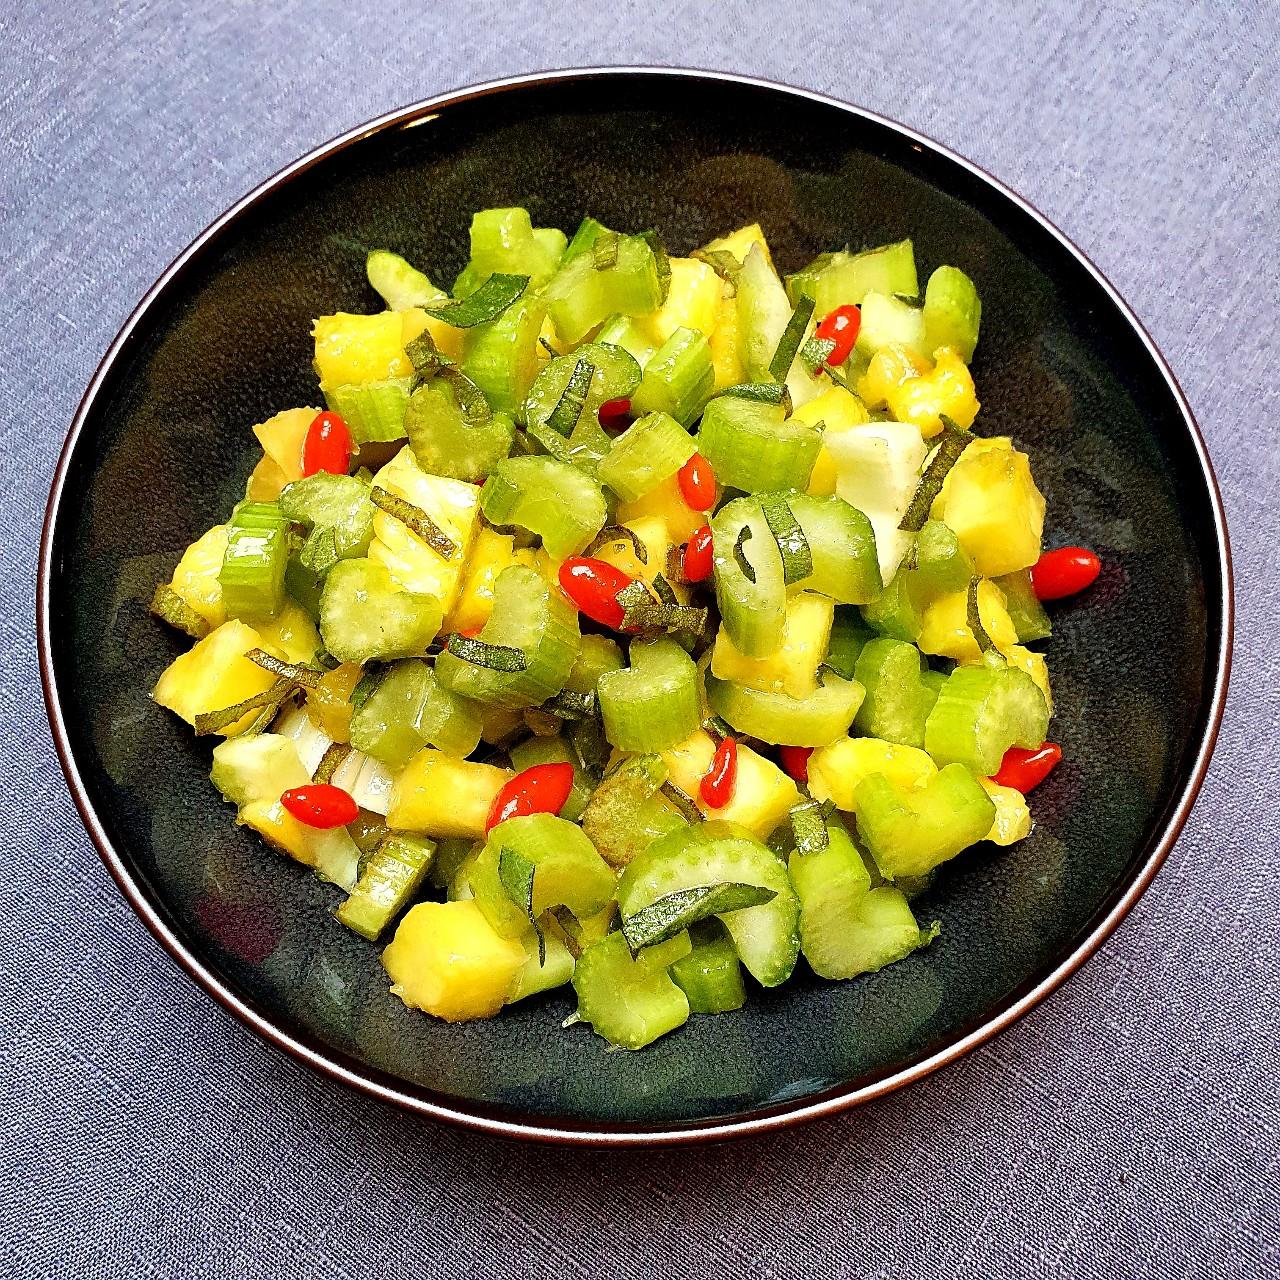 Salade céleri branche et ananas, vinaigrette à la sauge